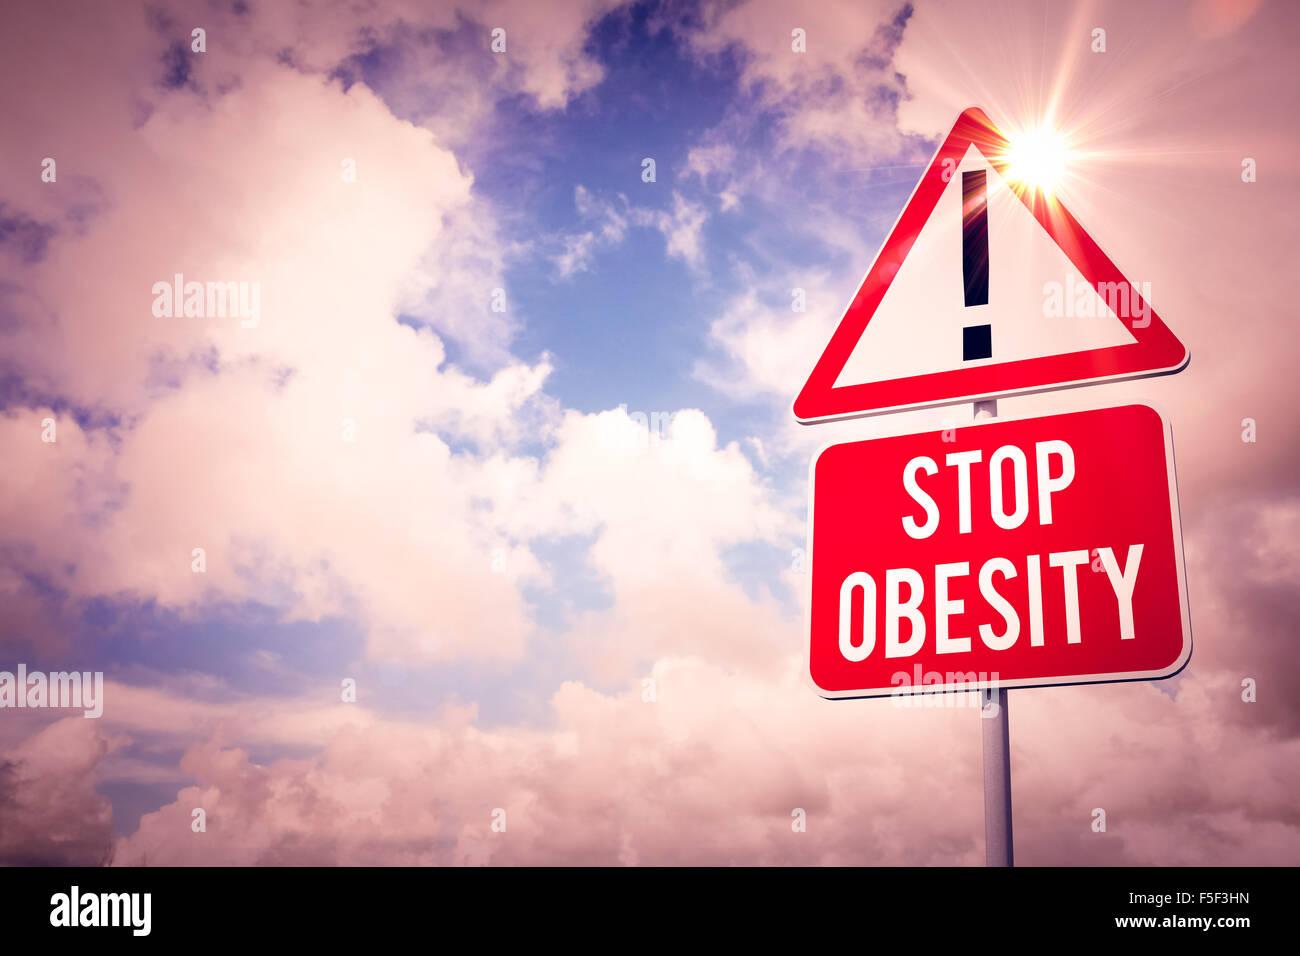 Imagen compuesta de detener la obesidad Imagen De Stock